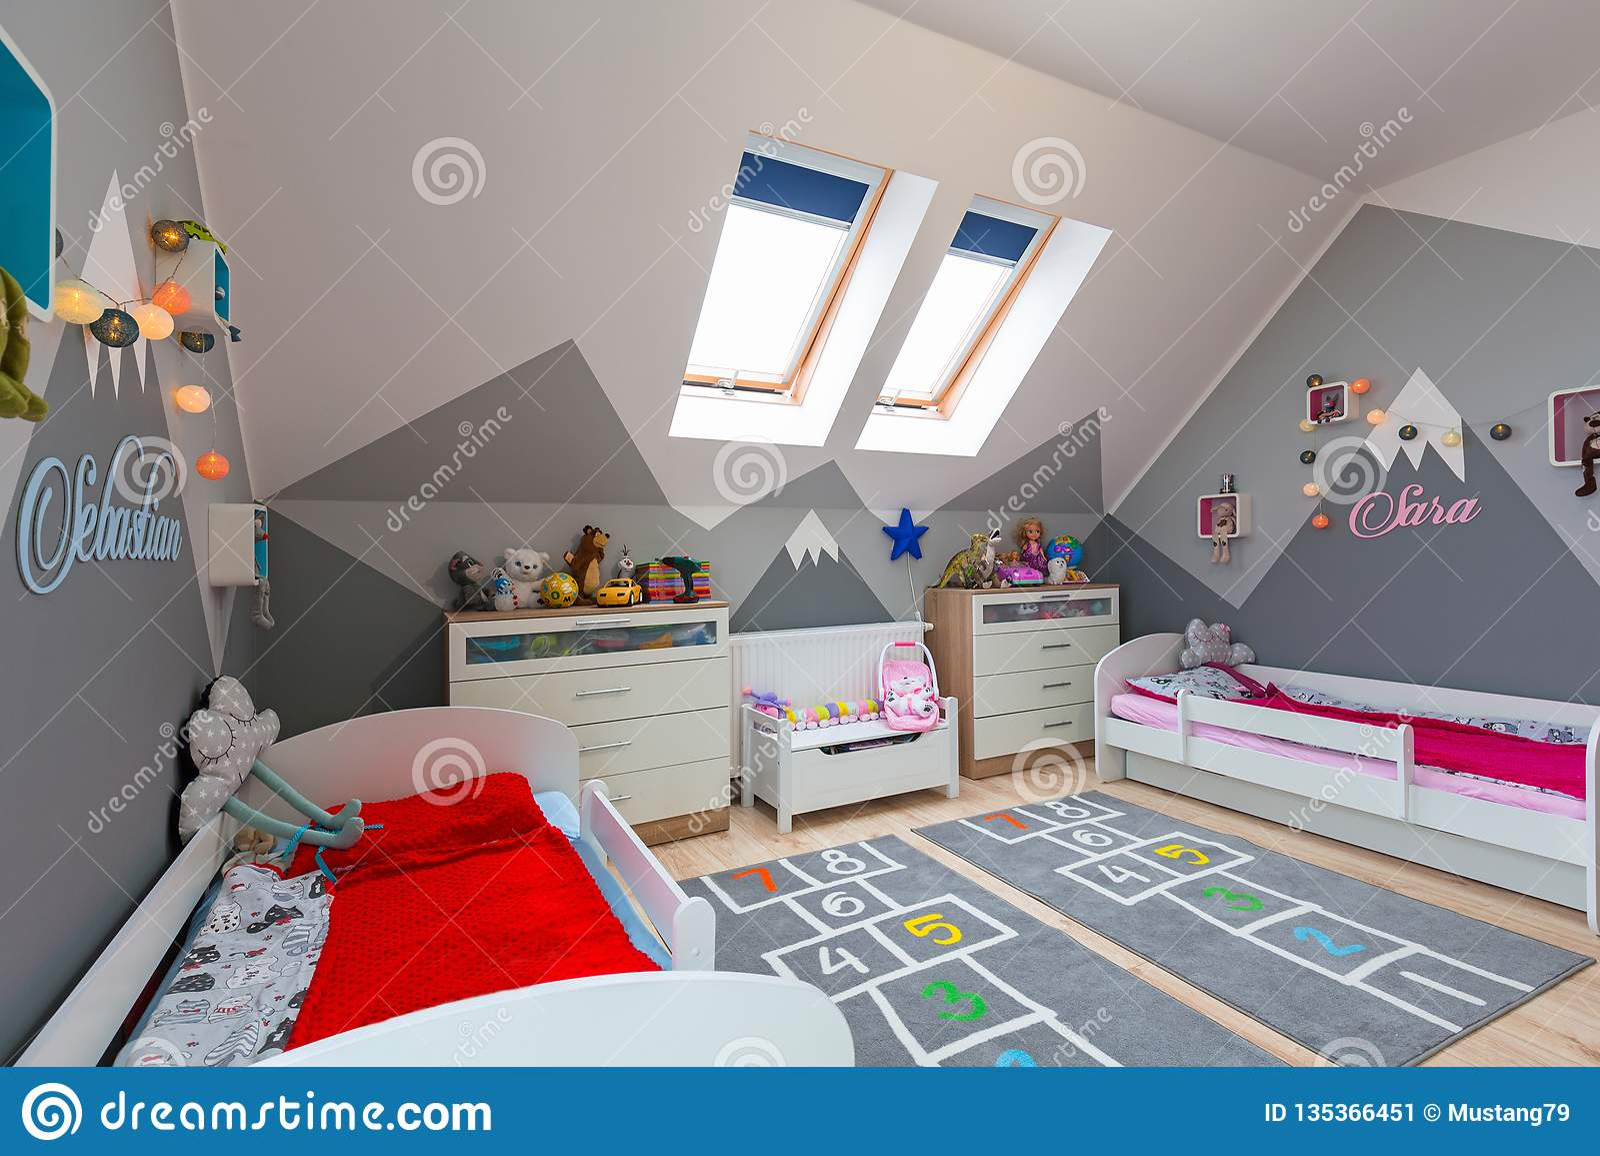 Chambre A Coucher Moderne Pour Le Garcon Et La Fille Avec